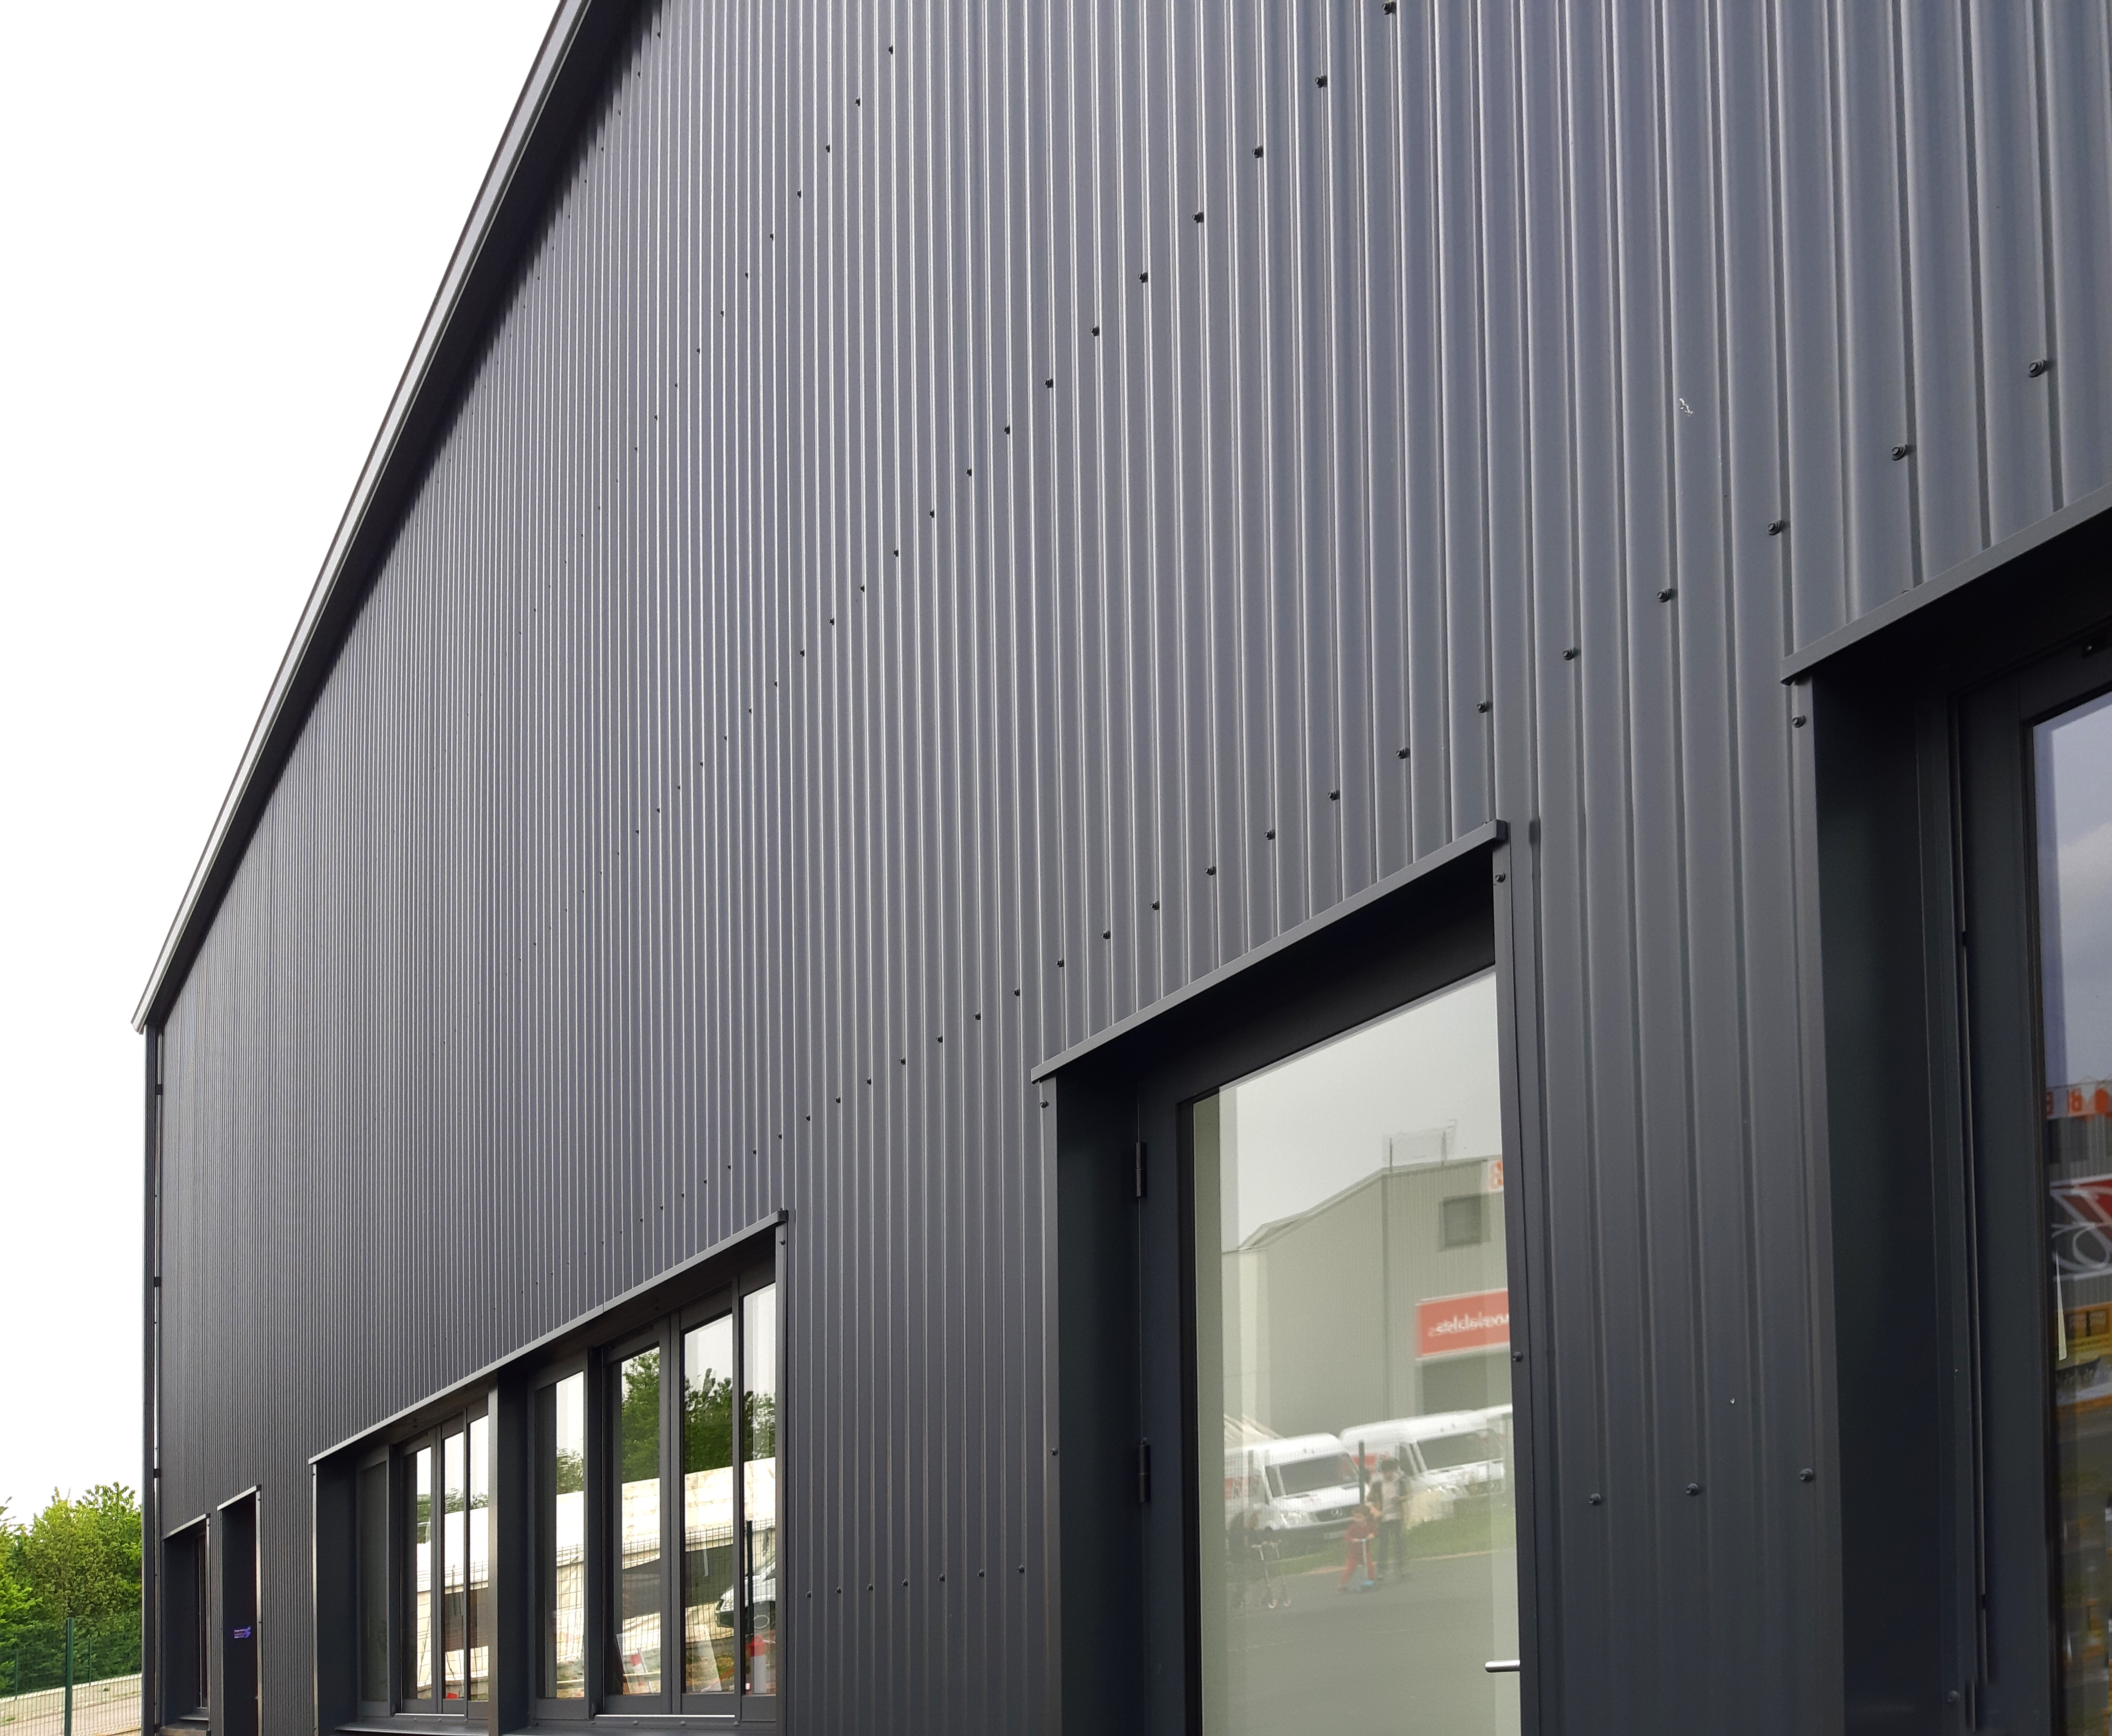 L'ensemble des éléments de construction est en monochrome gris foncé.